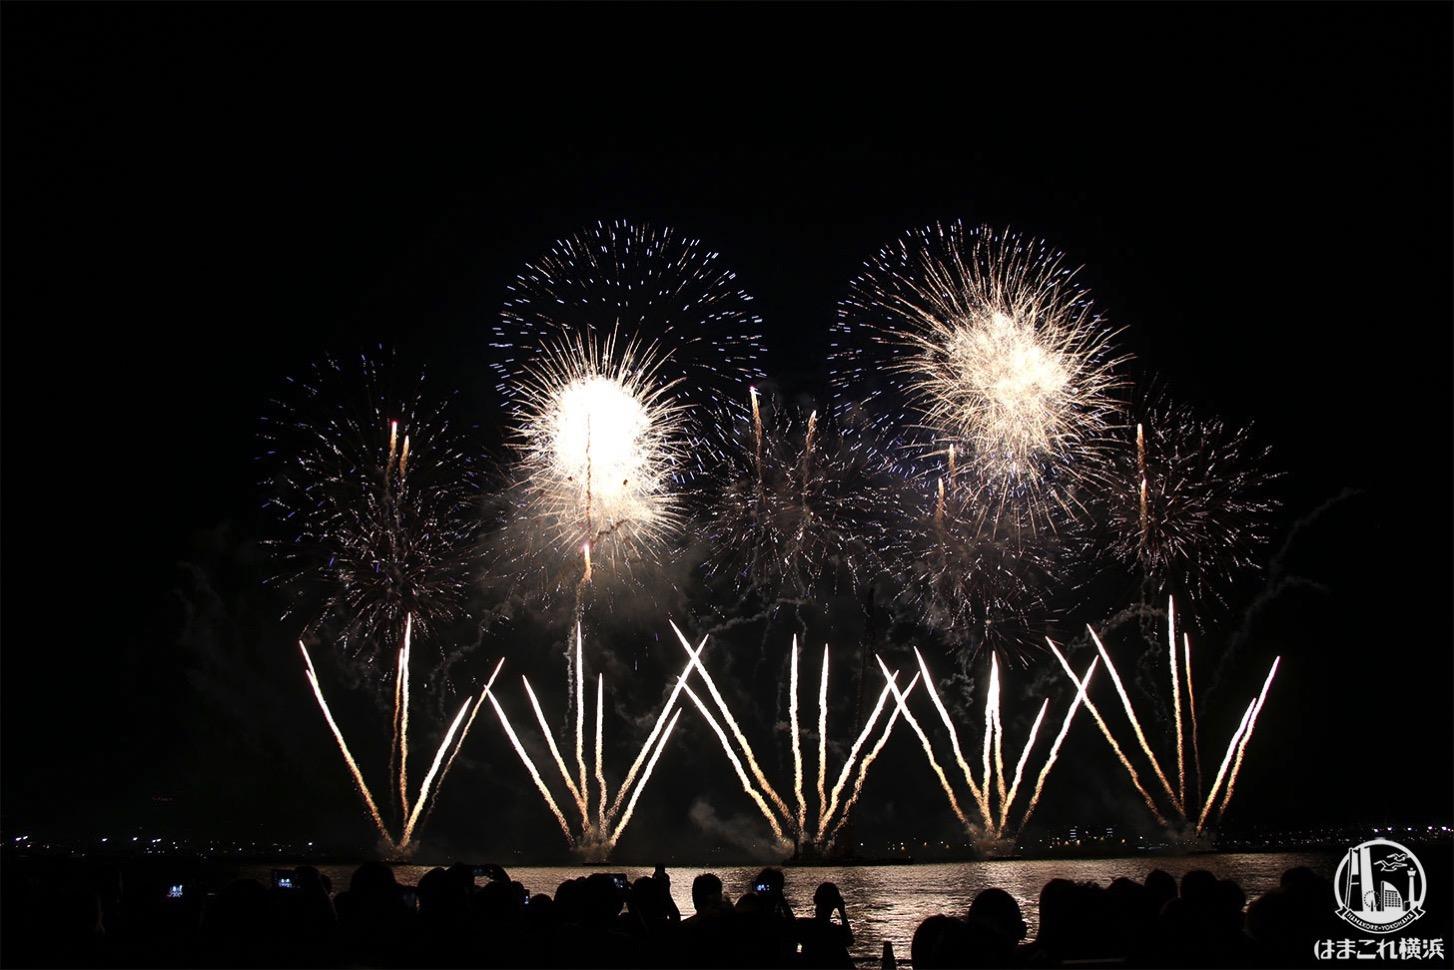 みなとみらいスマートフェスティバル2019開催時の打ち上げ花火